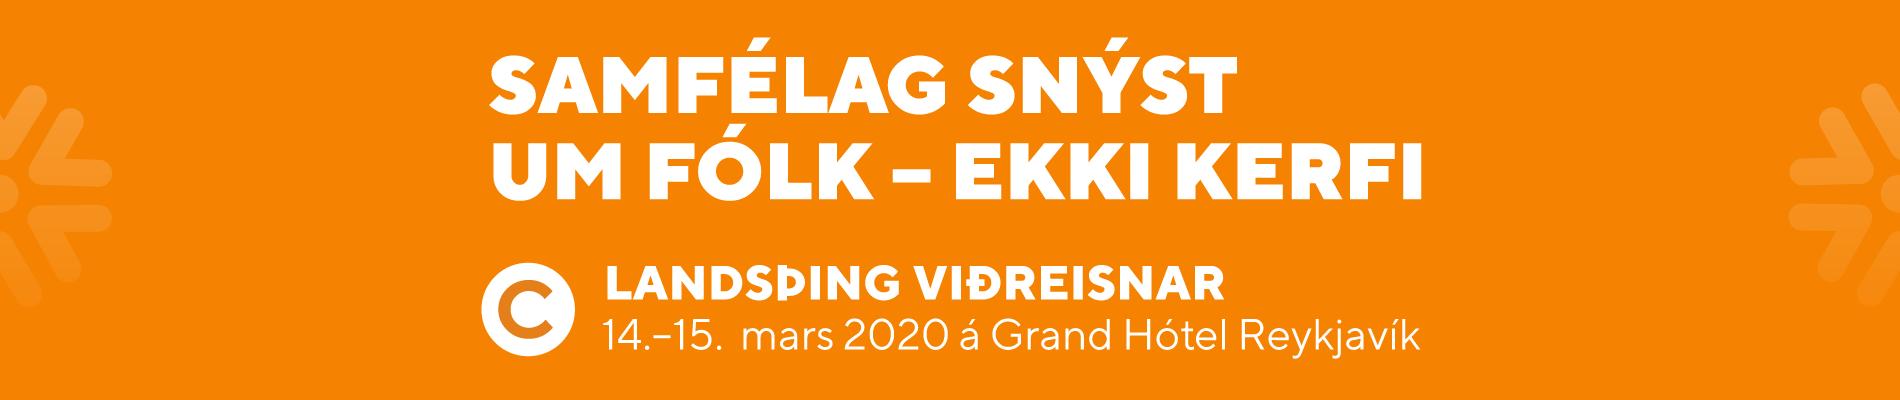 Landsfundur Viðreisnar 2020